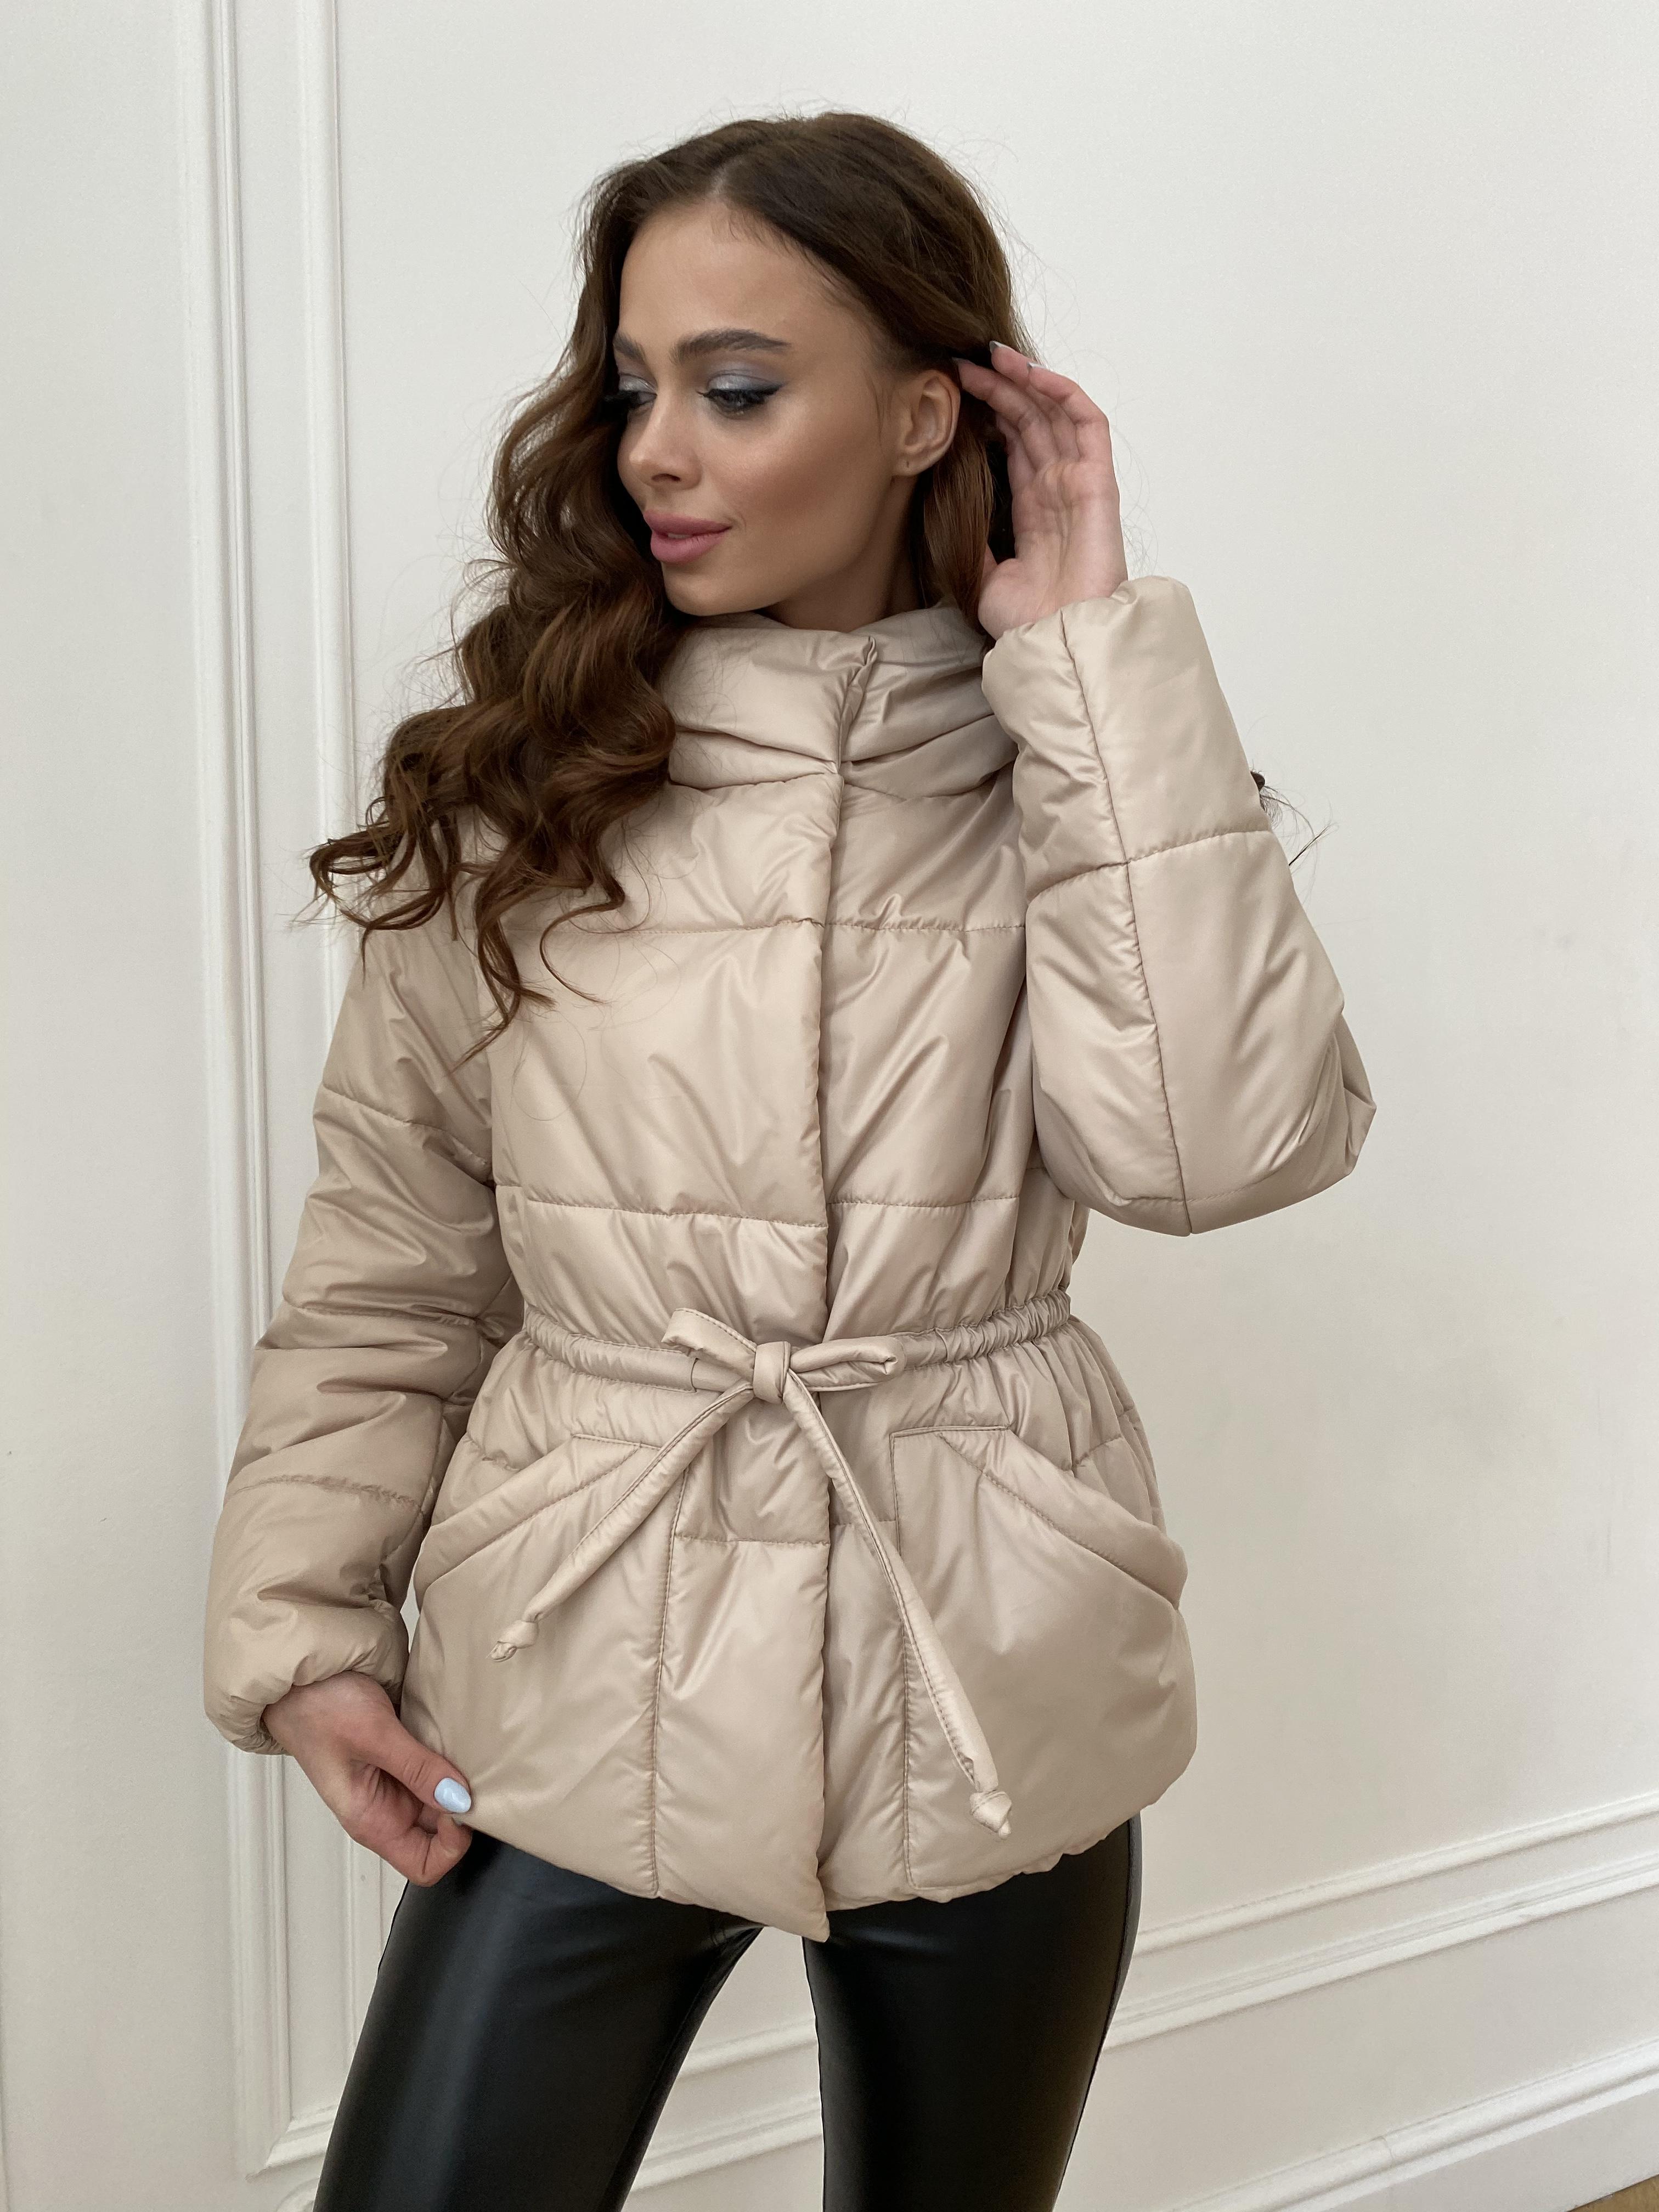 Пино куртка из плащевой ткани 10489 АРТ. 47391 Цвет: Бежевый - фото 9, интернет магазин tm-modus.ru